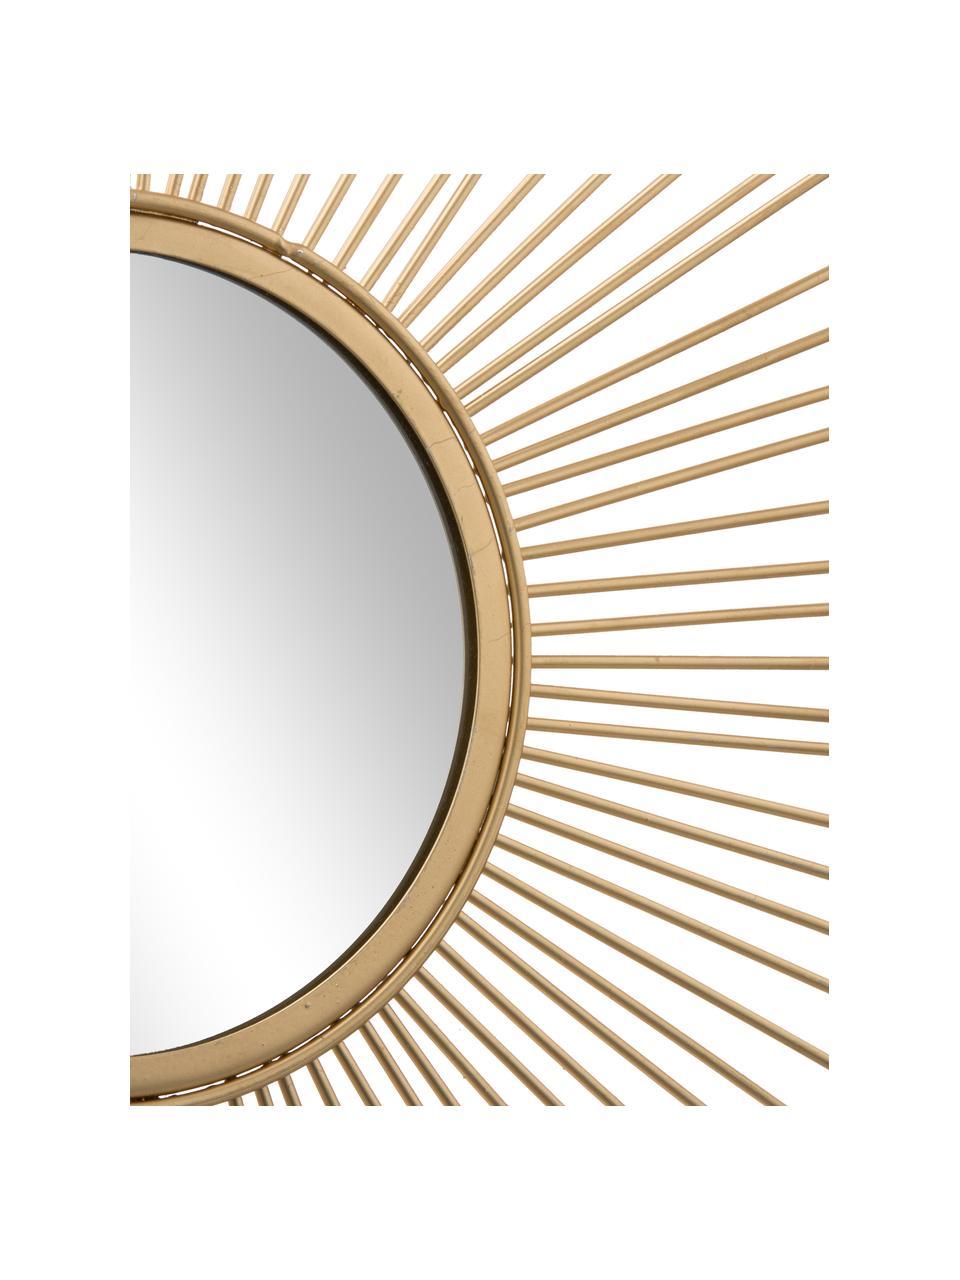 Specchio dorato Brooklyn, Cornice: metallo, Superficie dello specchio: lastra di vetro, Cornice: dorato Superficie dello specchio: lastra di vetro, Ø 50 cm